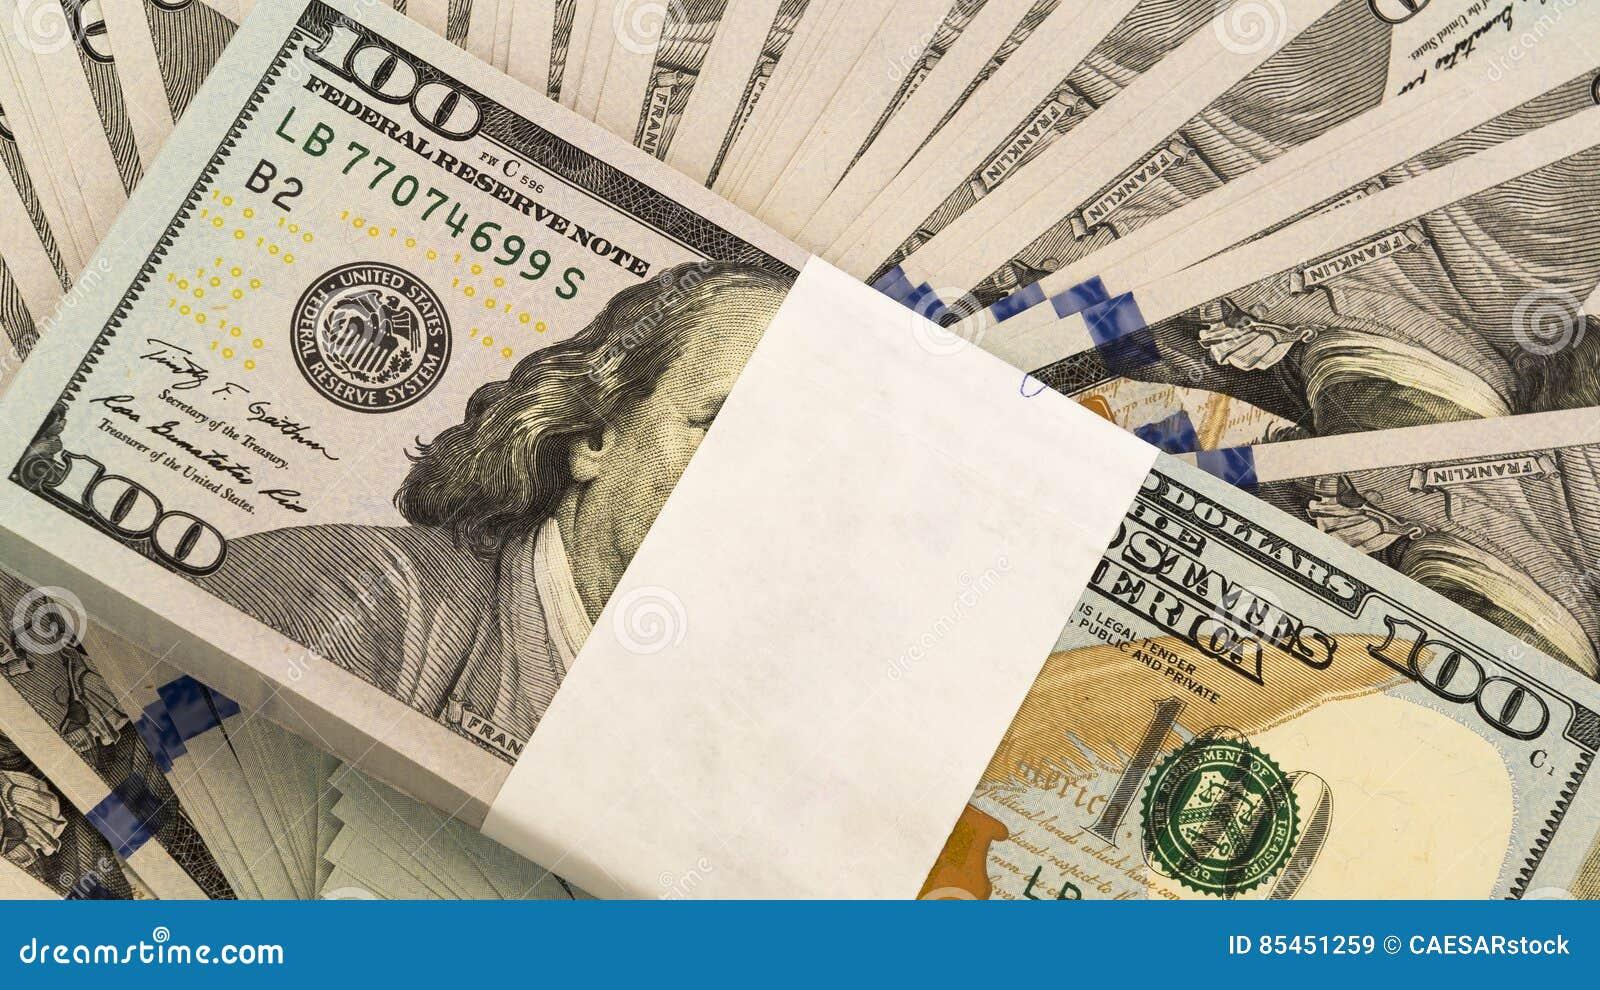 Stapel Geld in US-Dollars wechseln Banknoten ein